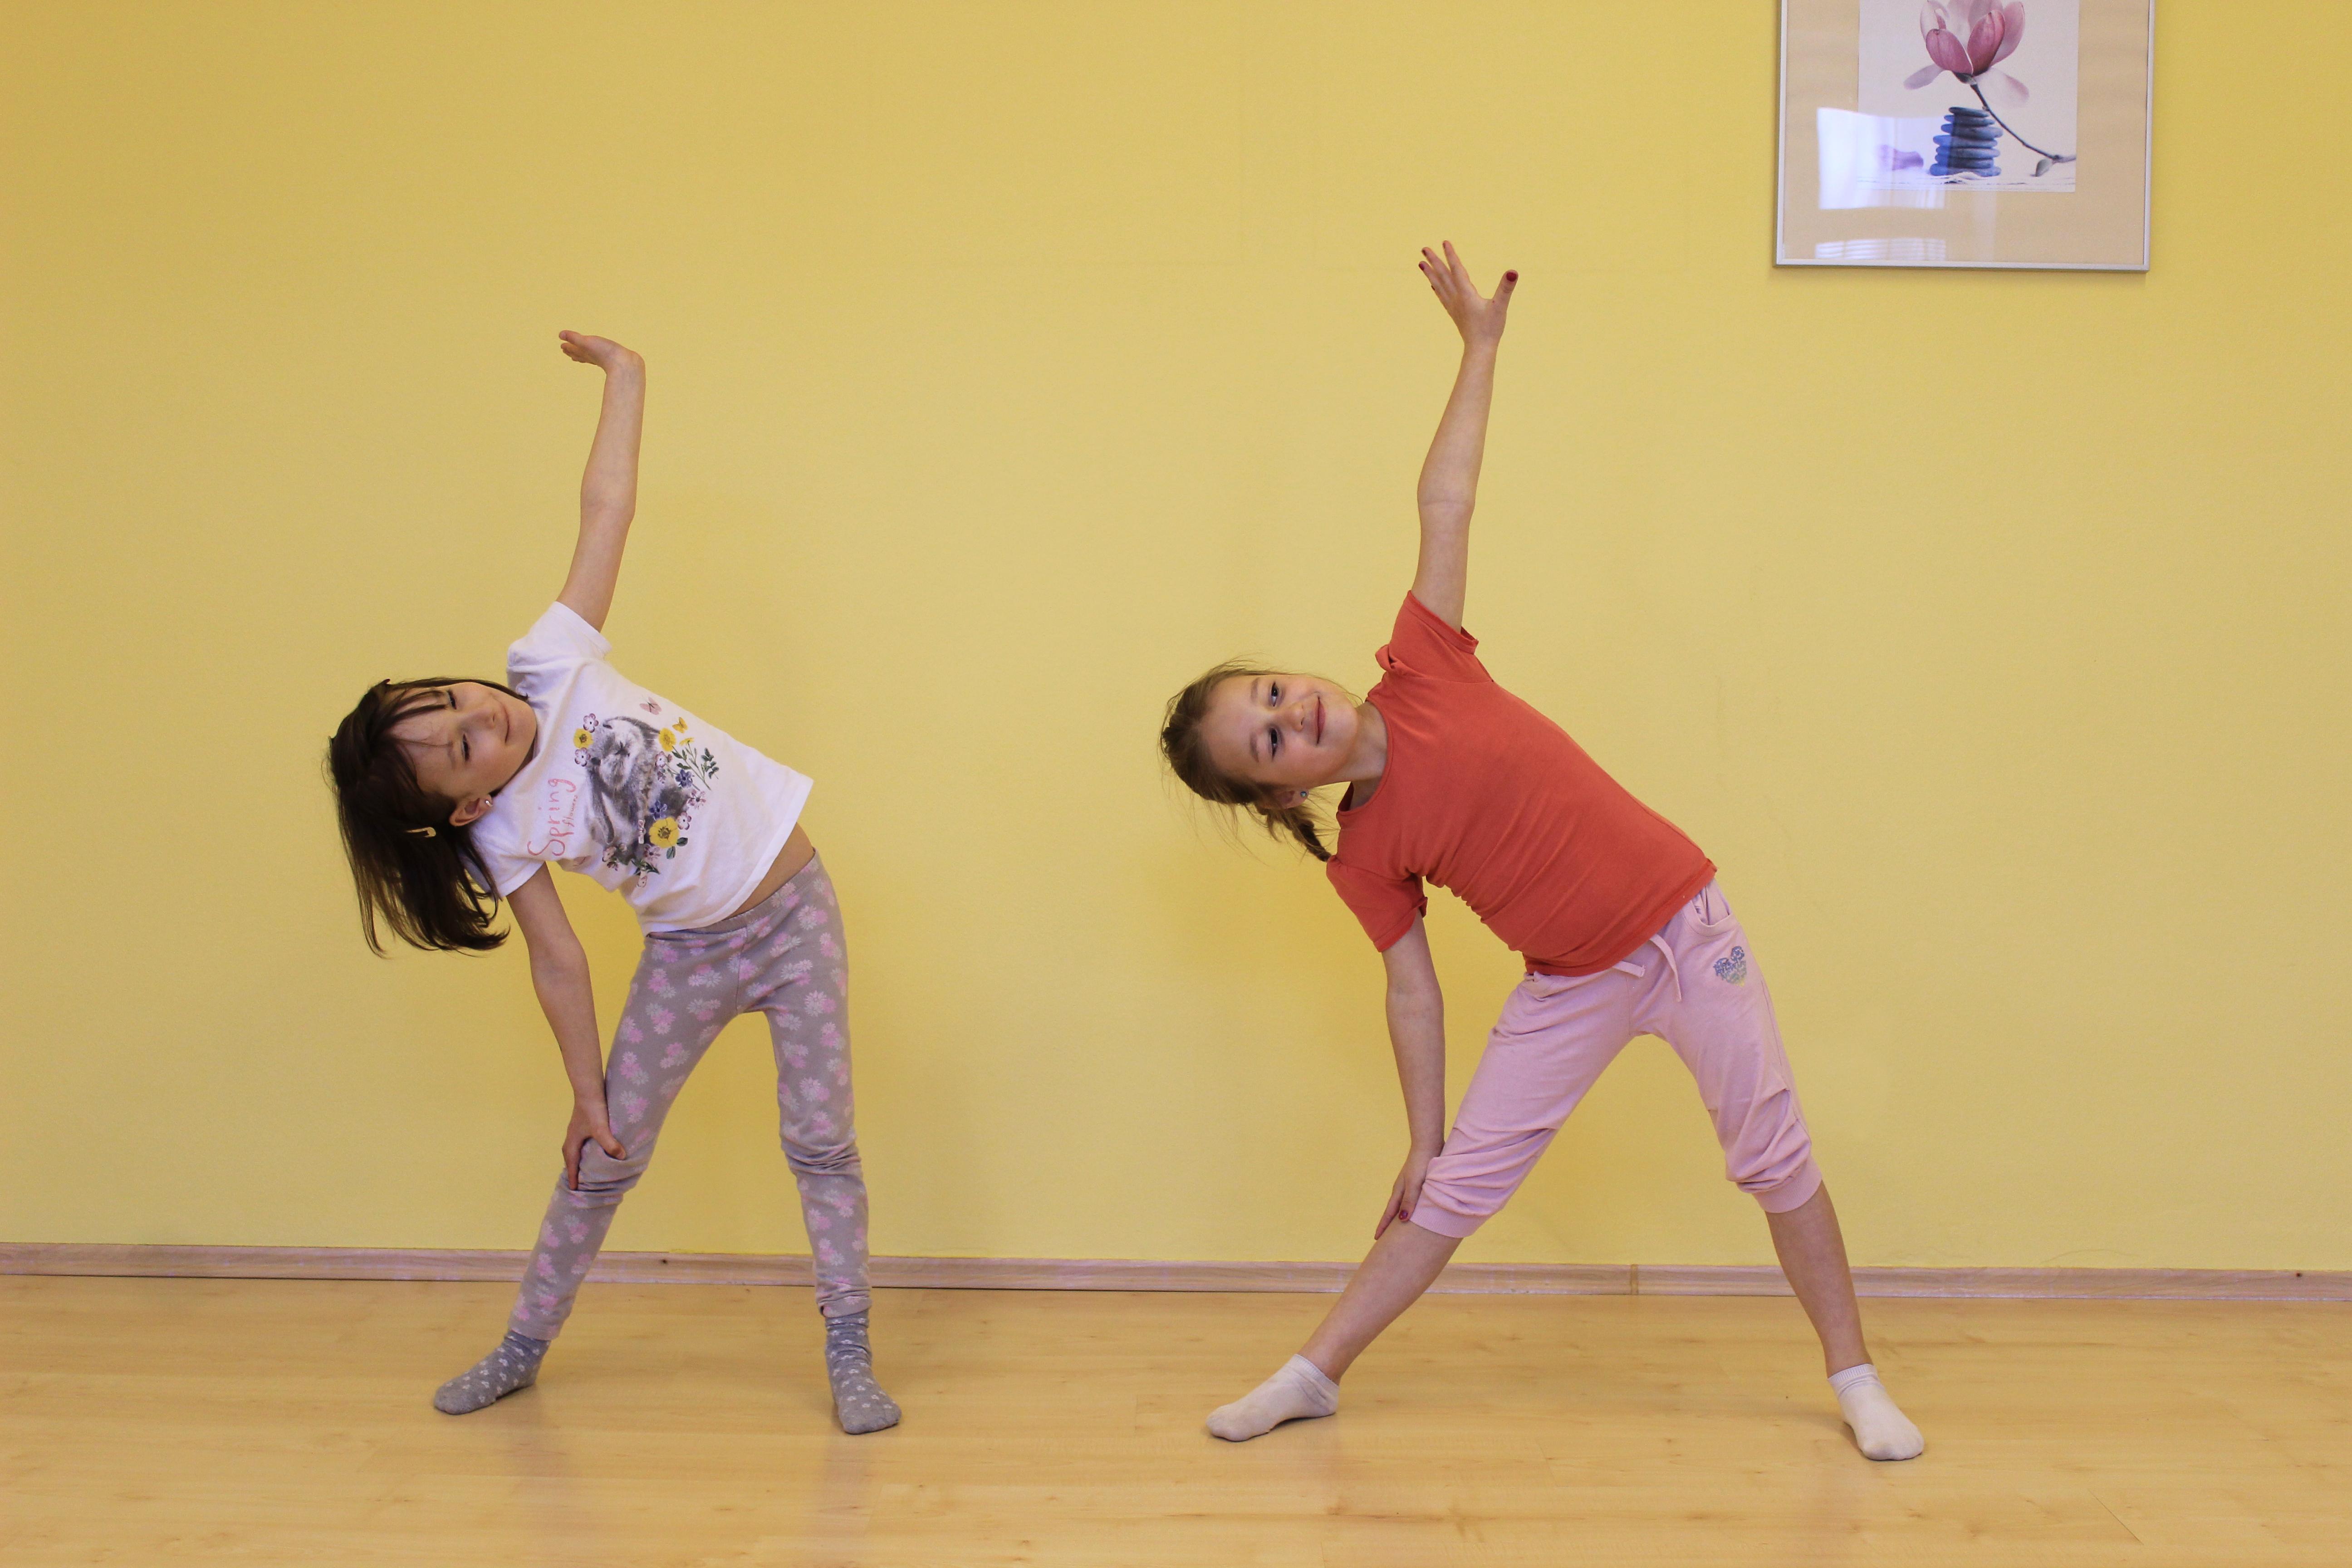 dětská jóga- pozice letadlo